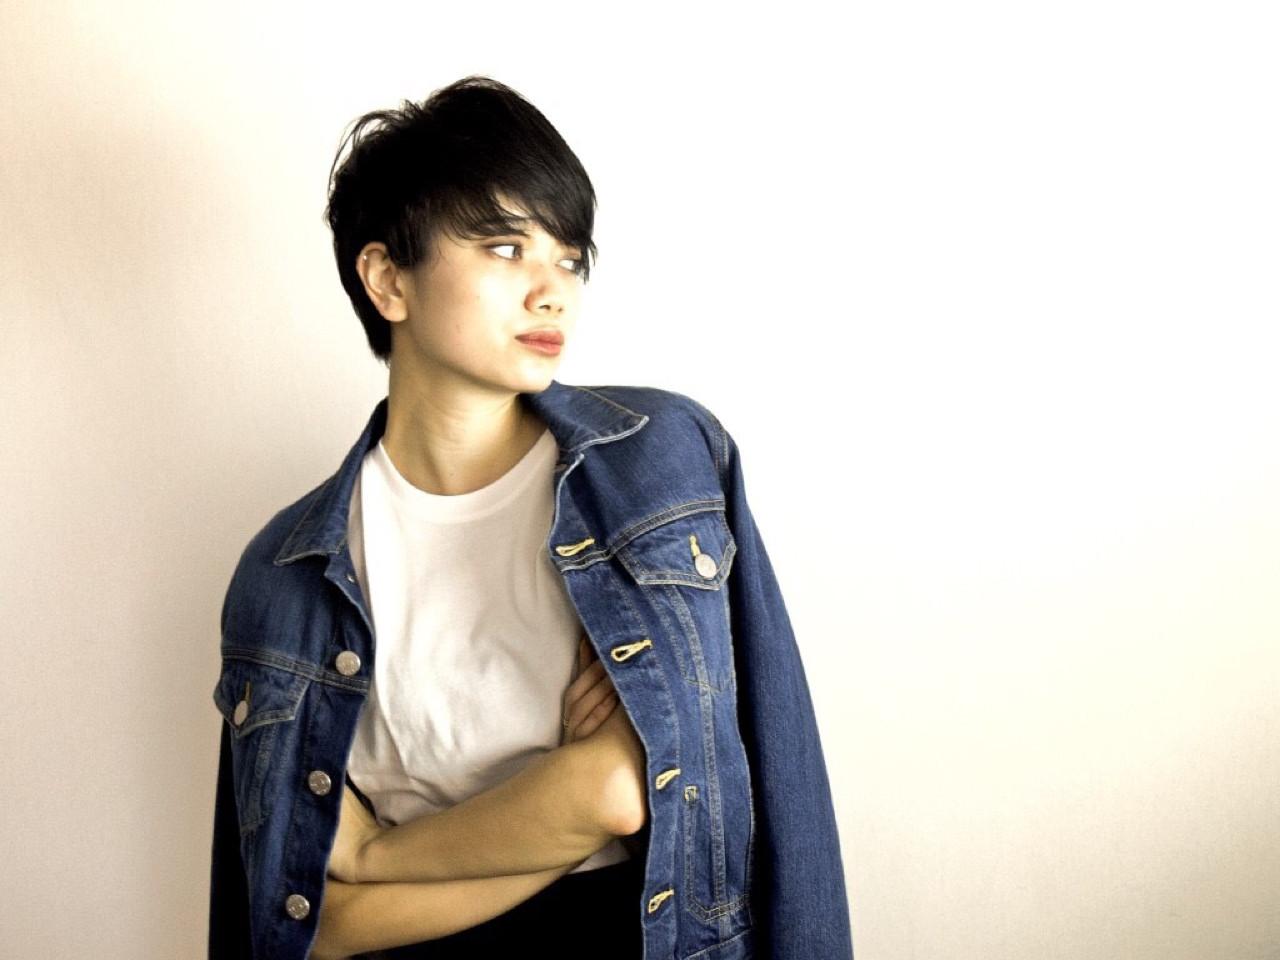 好印象美人になれる♪黒髪ショートのヘアスタイル集 小林 れいら/MAISON de IGGY